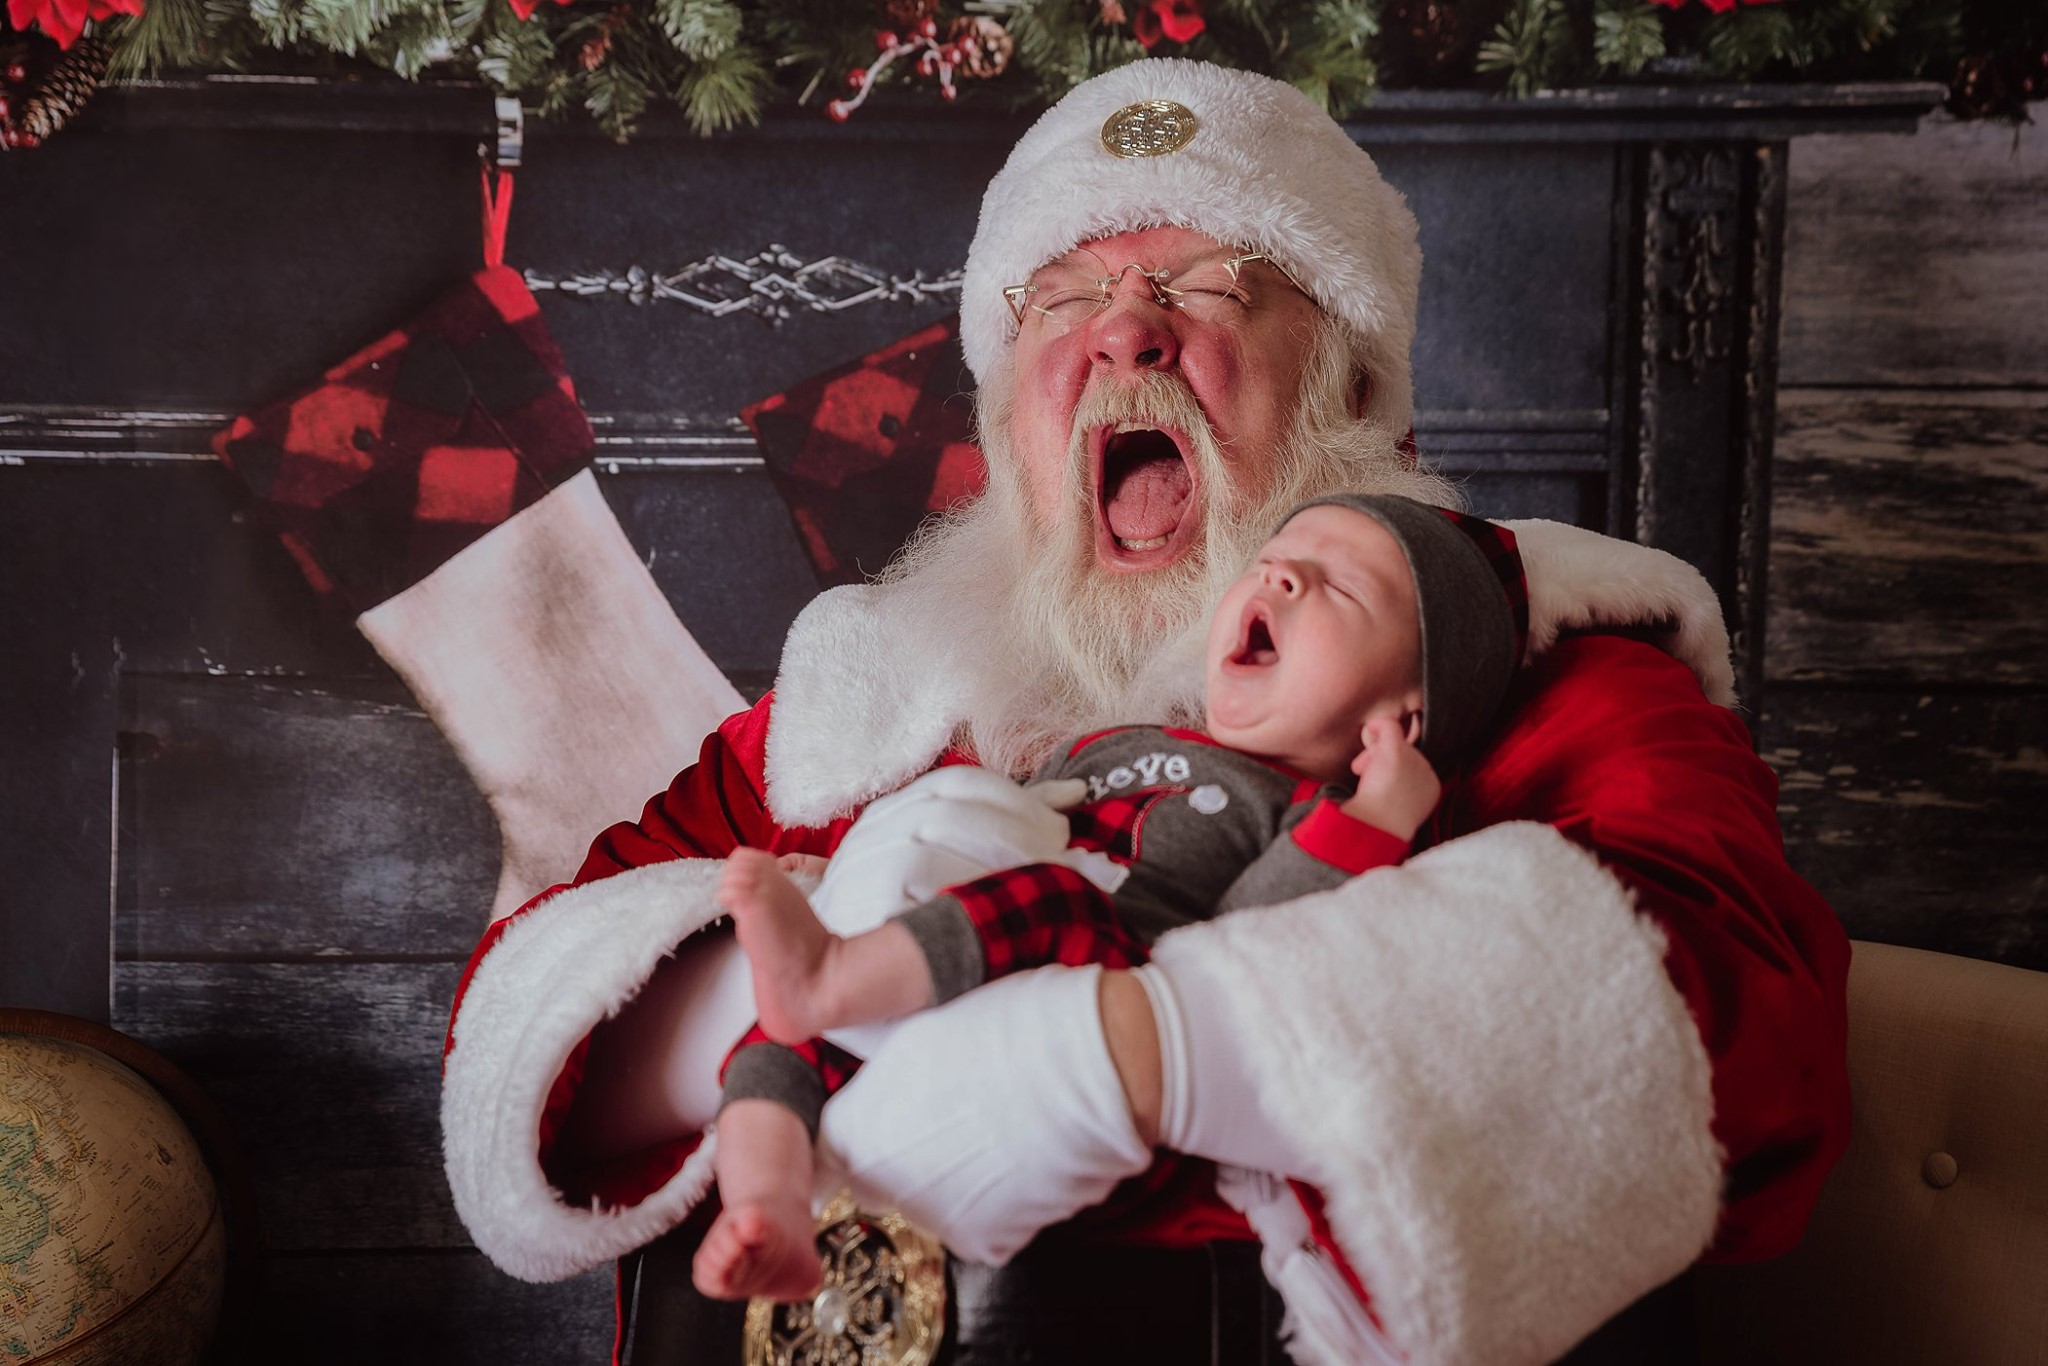 Santa Claus yawning during photo shoot